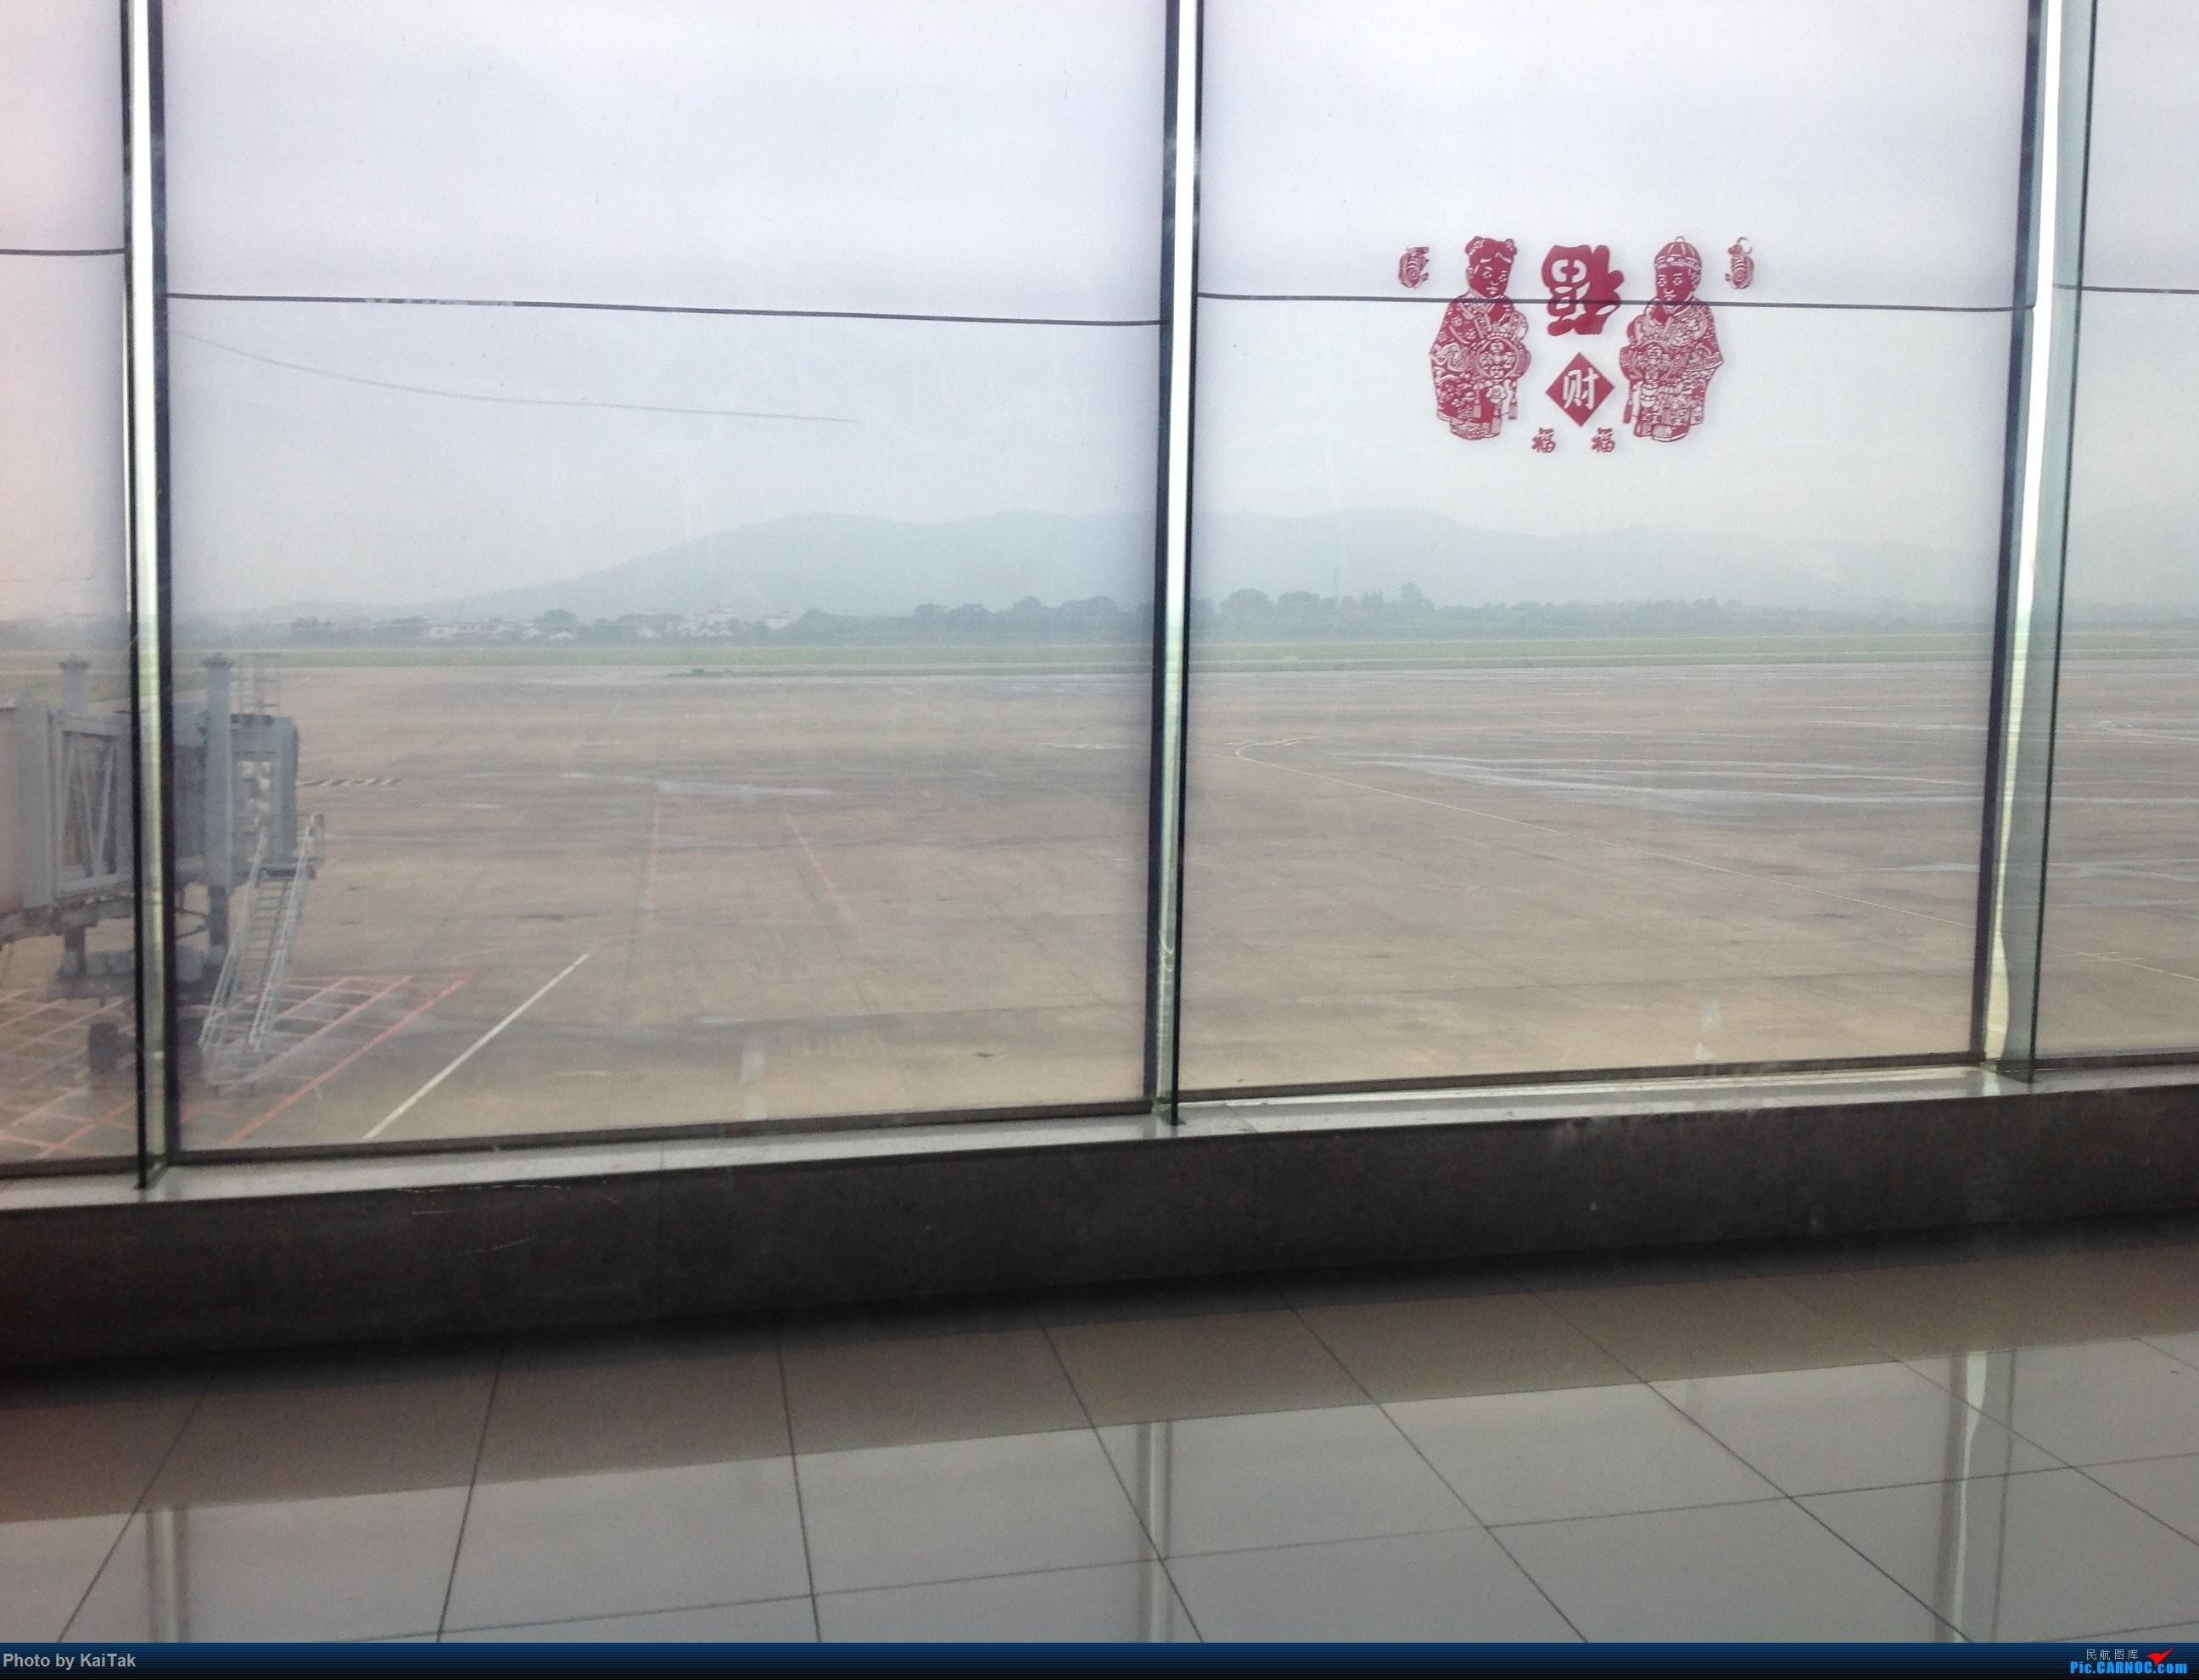 Re:南昌昌北国际机场